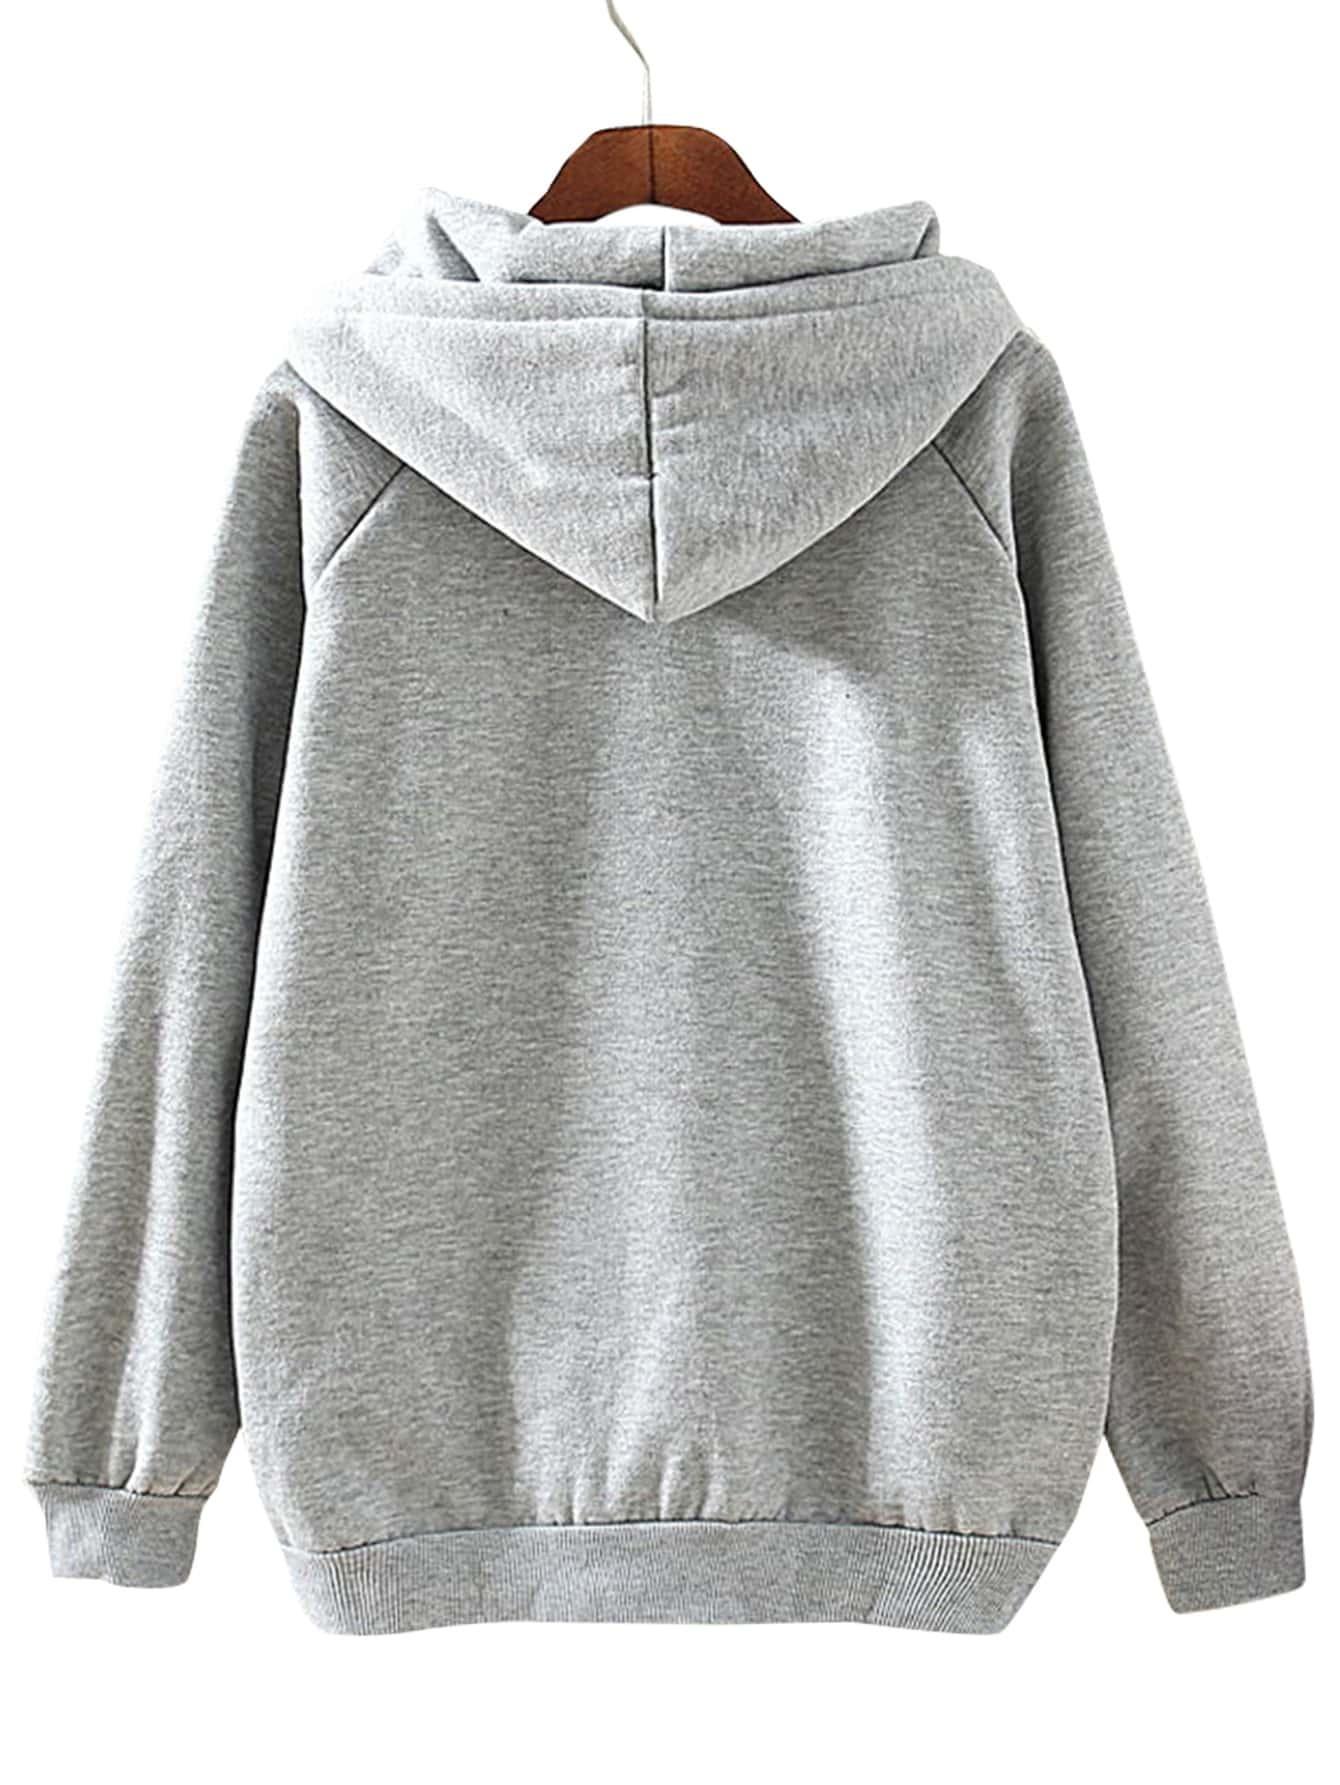 sweatshirt160727105_2